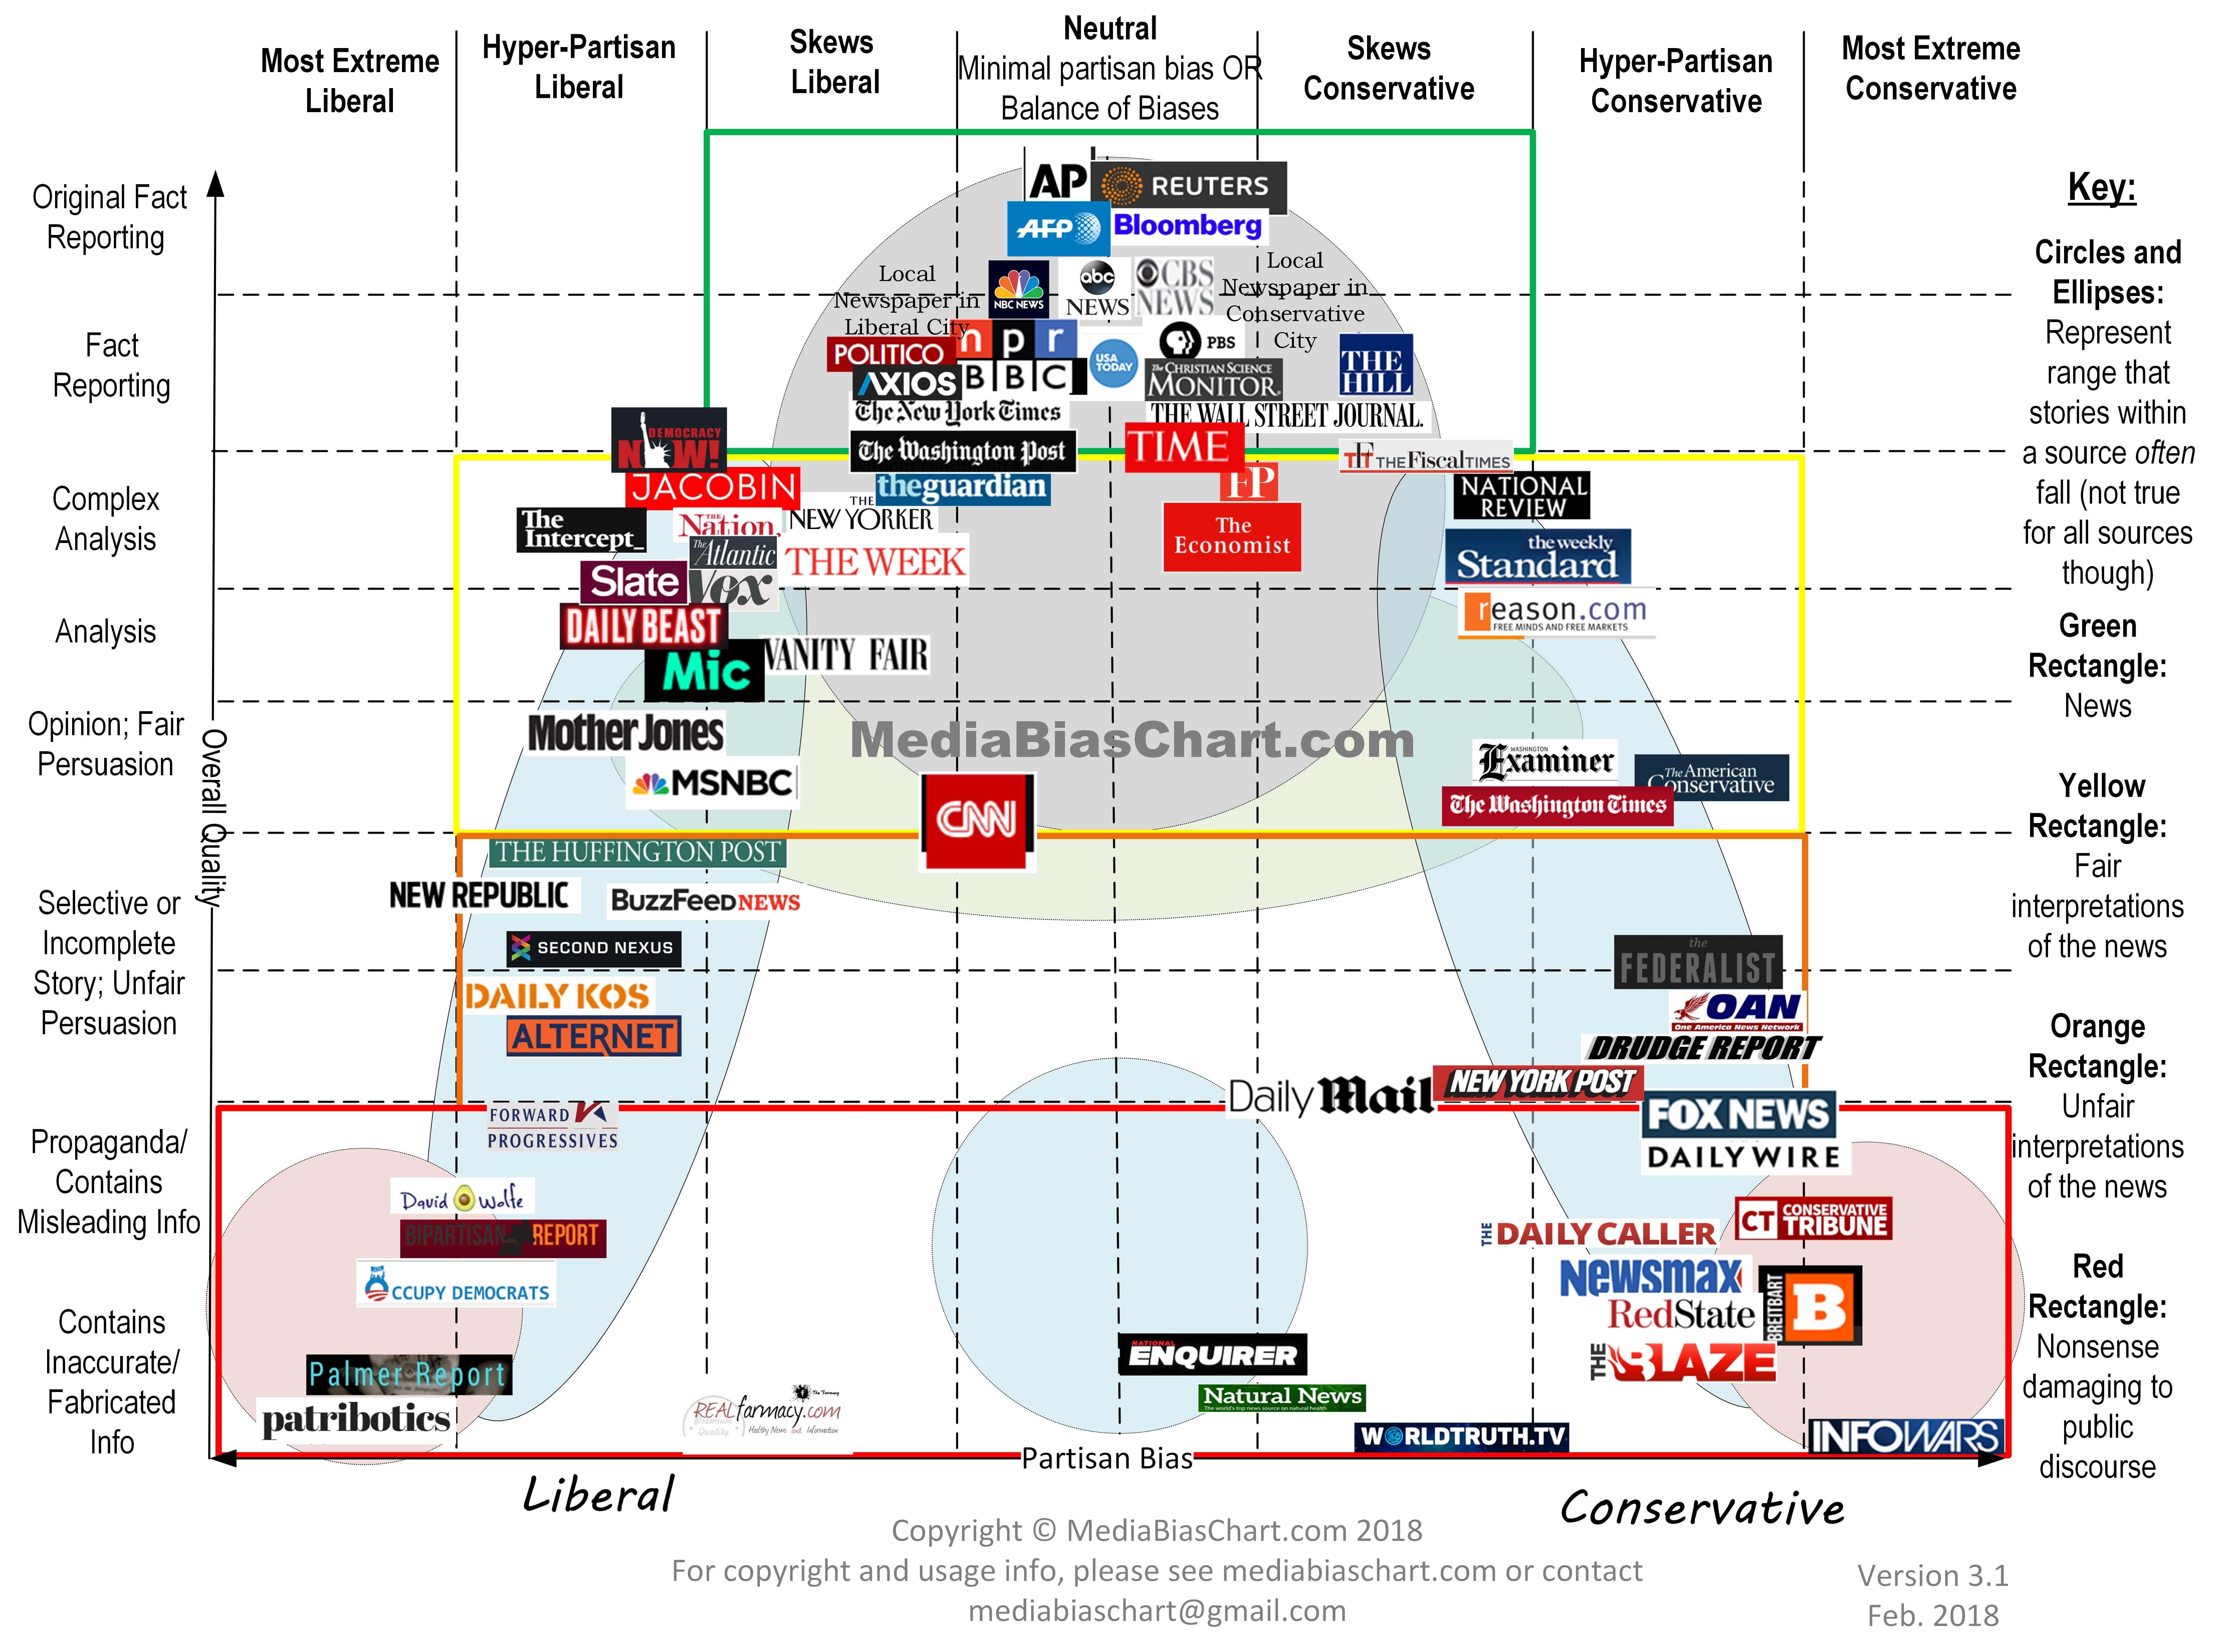 【陰謀】フェイスブックやユーチューブなど、右派陰謀論者ジョーンズ氏の投稿削除 ->画像>8枚